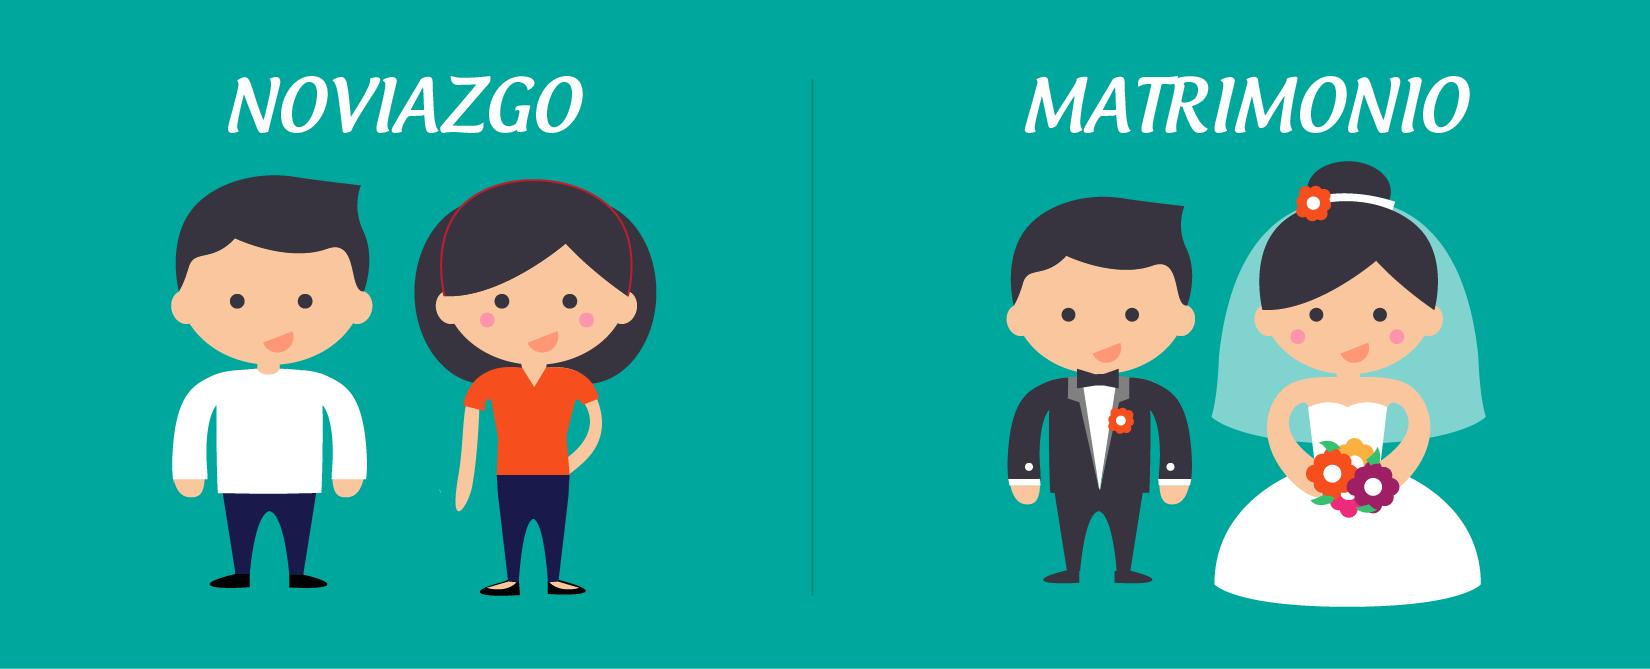 Matrimonio O Que é : El noviazgo nos ayuda a la evaluación para un futuro